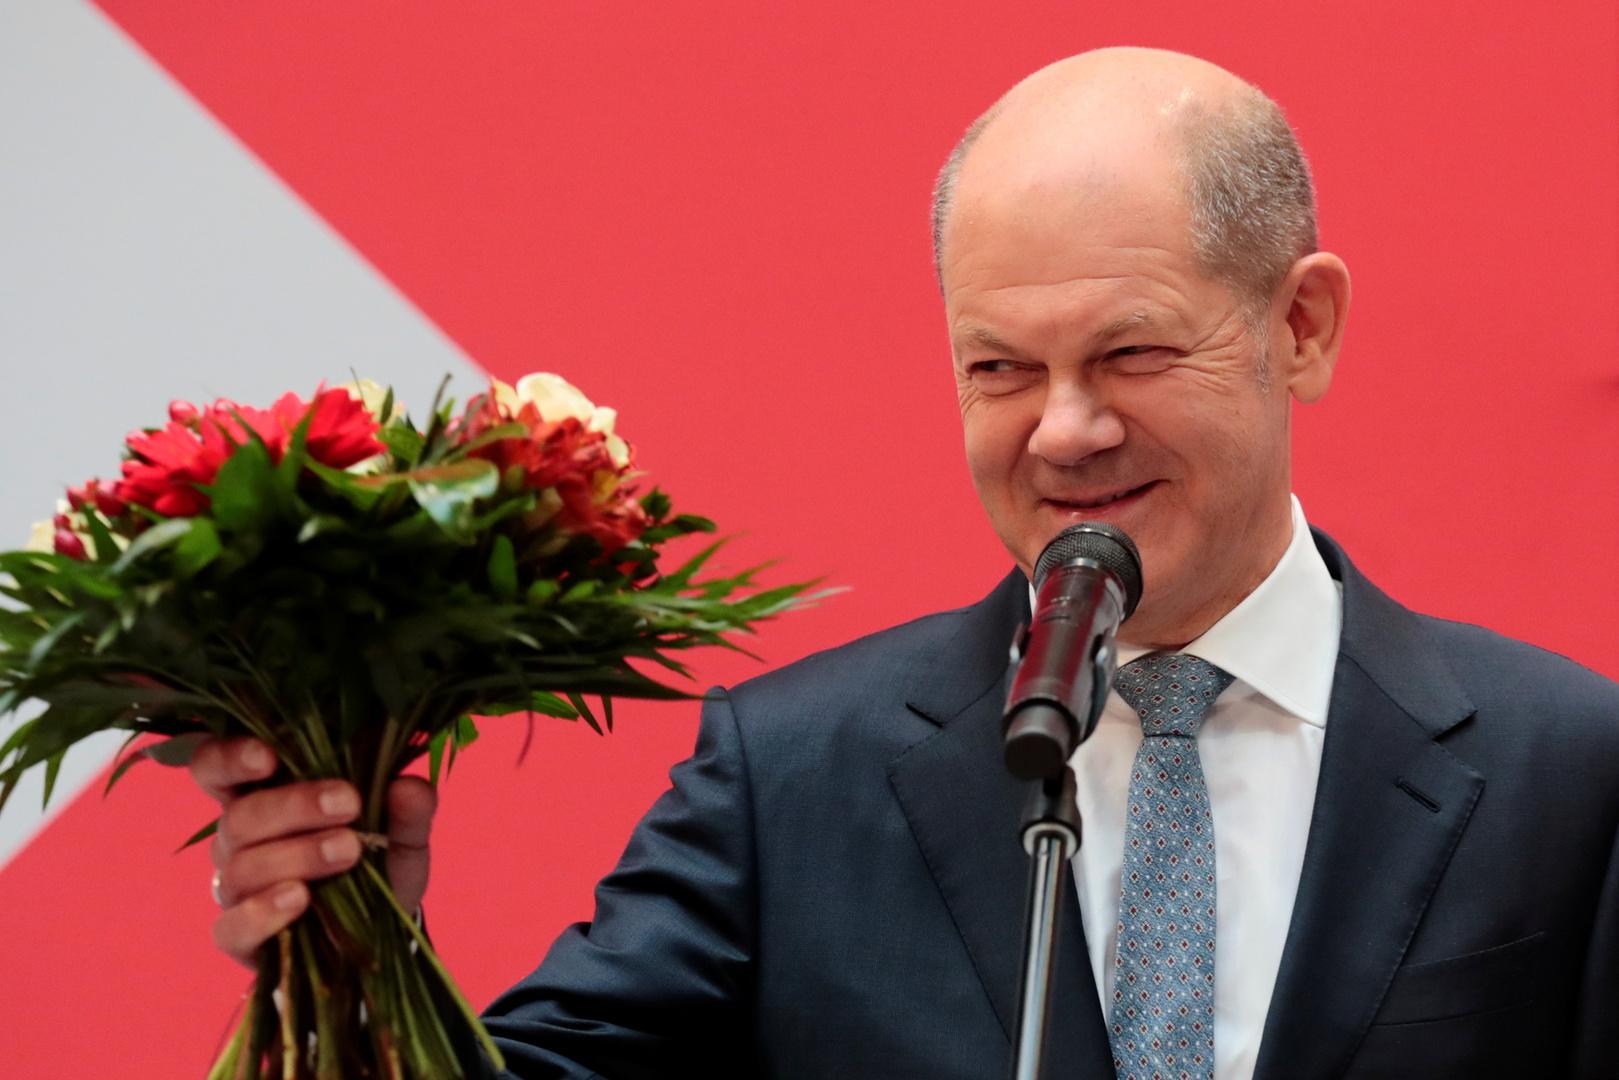 فوز الاشتراكي الديمقراطي.. كيف سيؤثر على علاقات ألمانيا مع أوروبا والولايات المتحدة؟